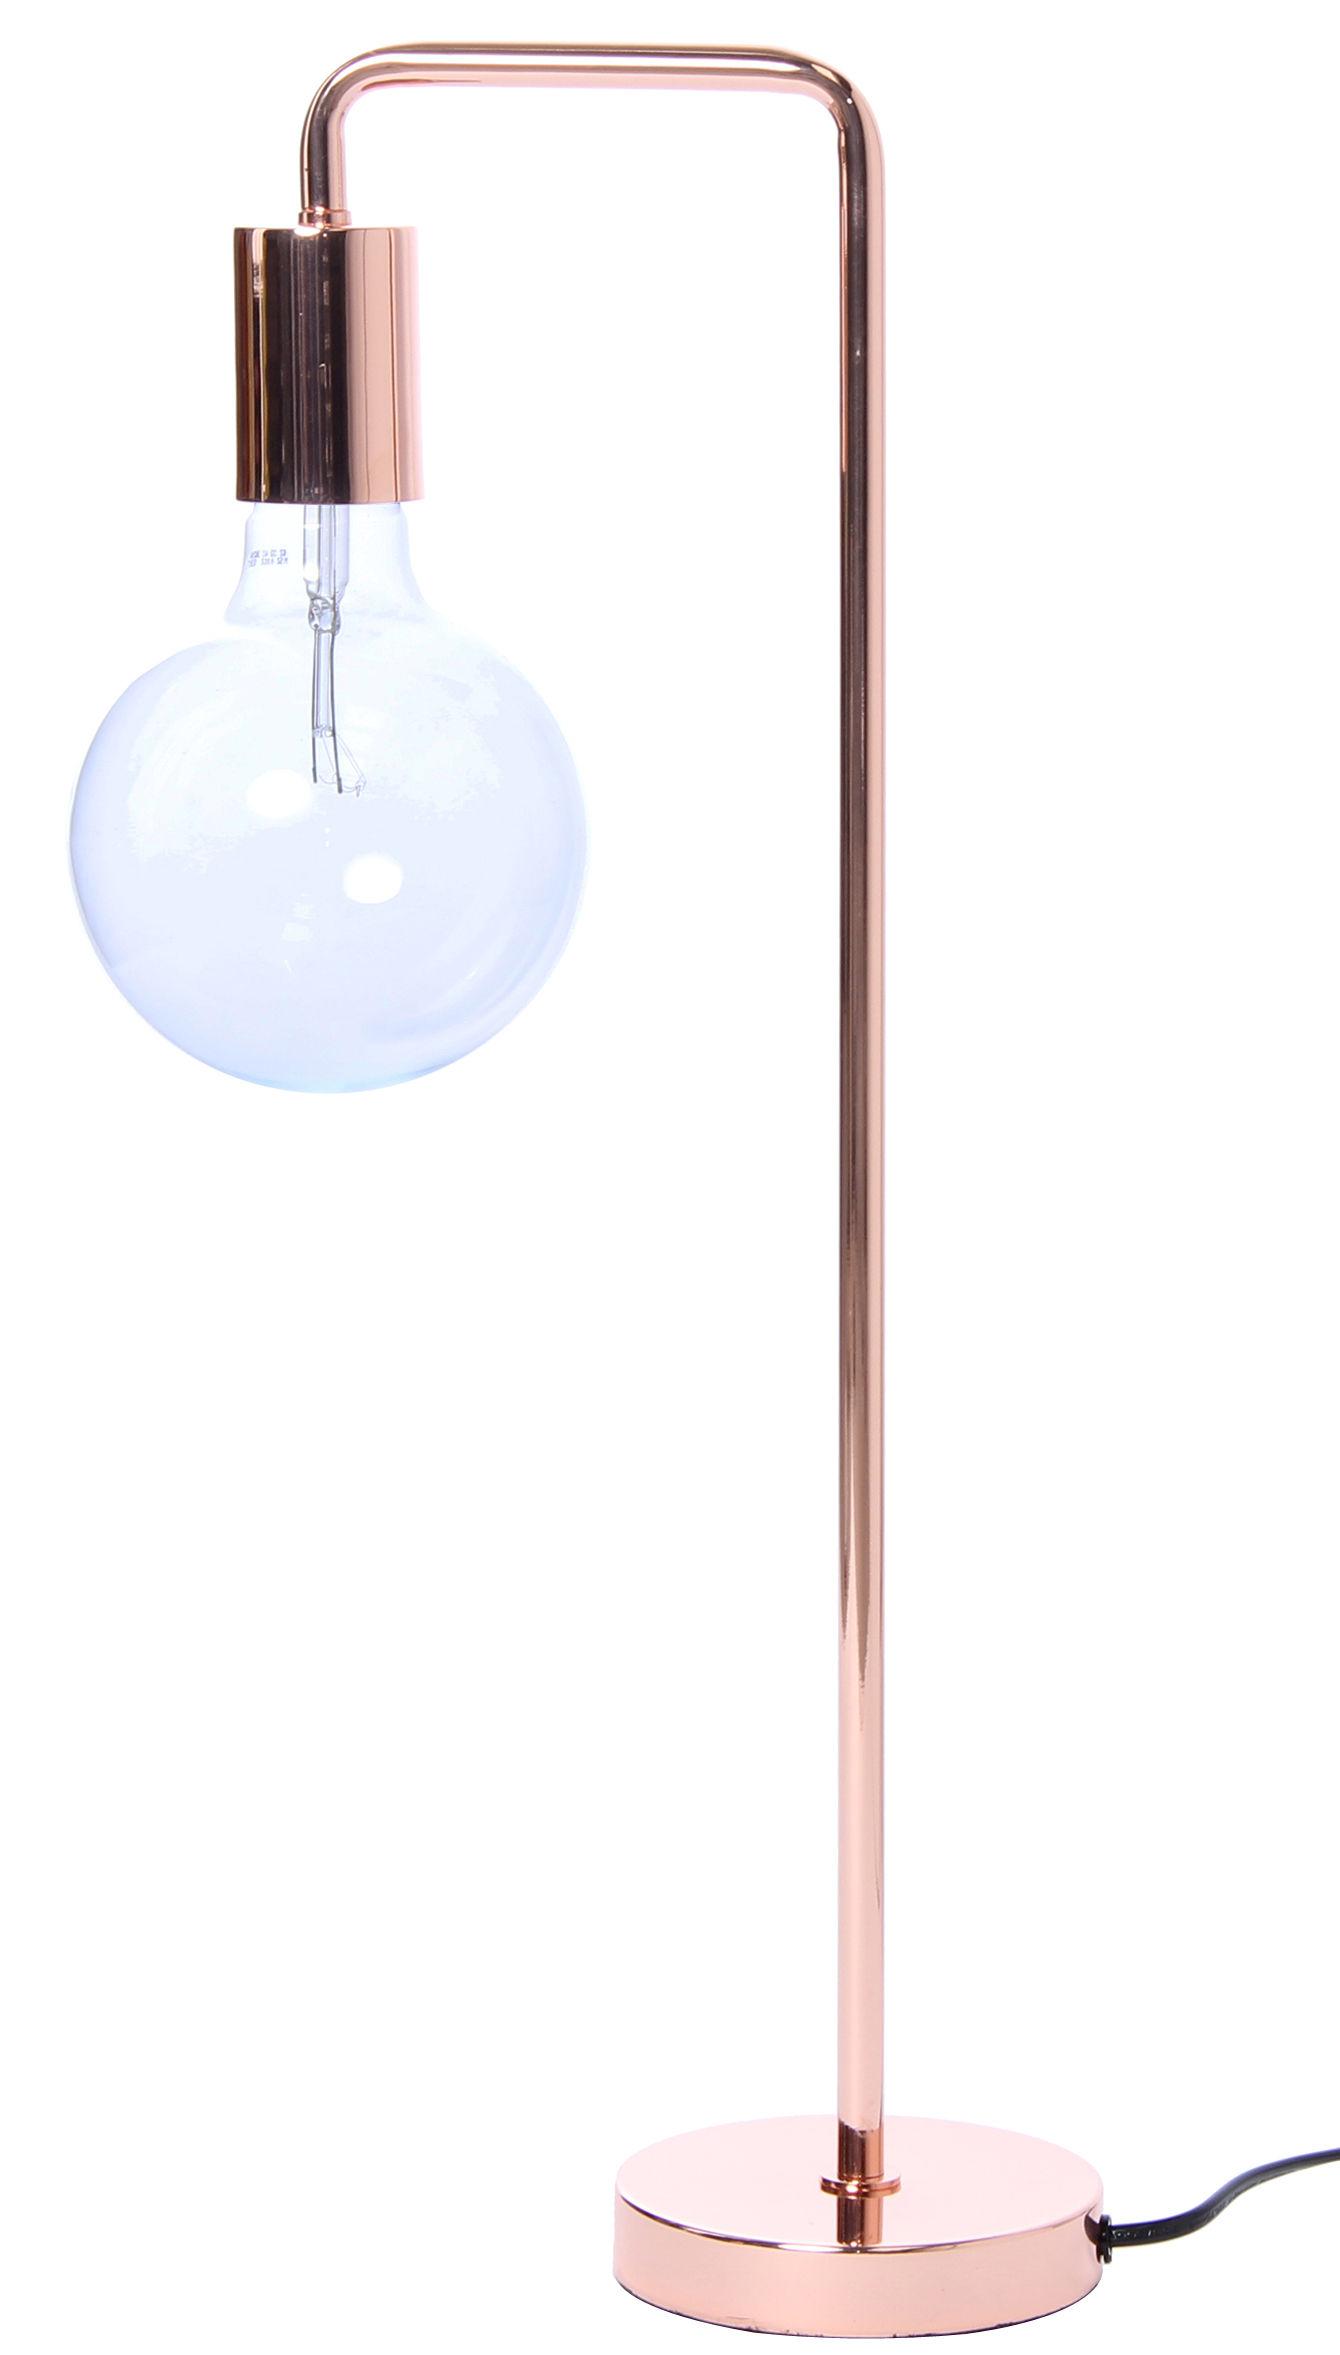 Scopri Lampada da tavolo Cool -/ H 55 cm, Rame di Frandsen ...